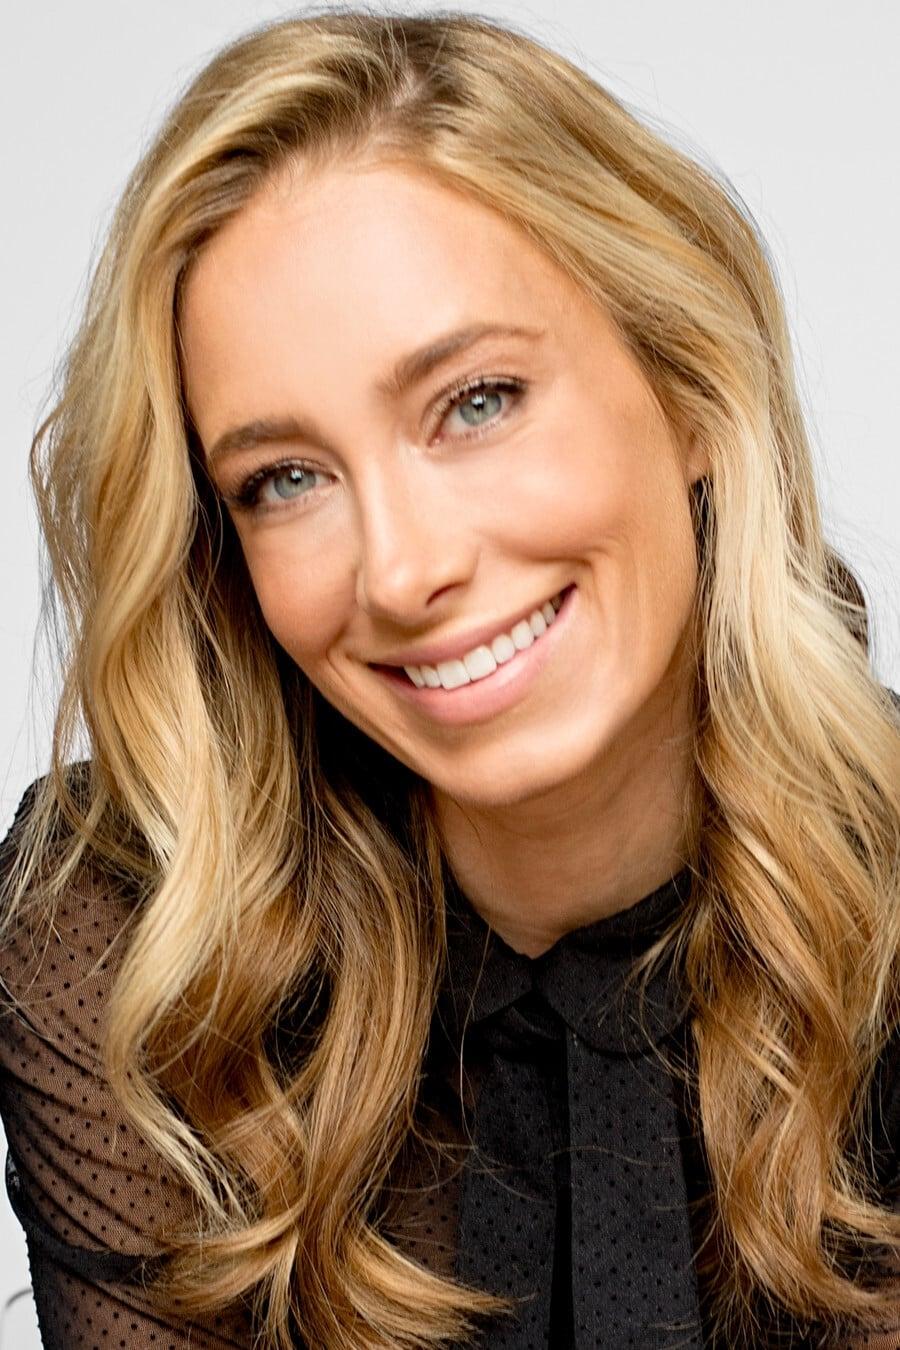 Kelsey Crane